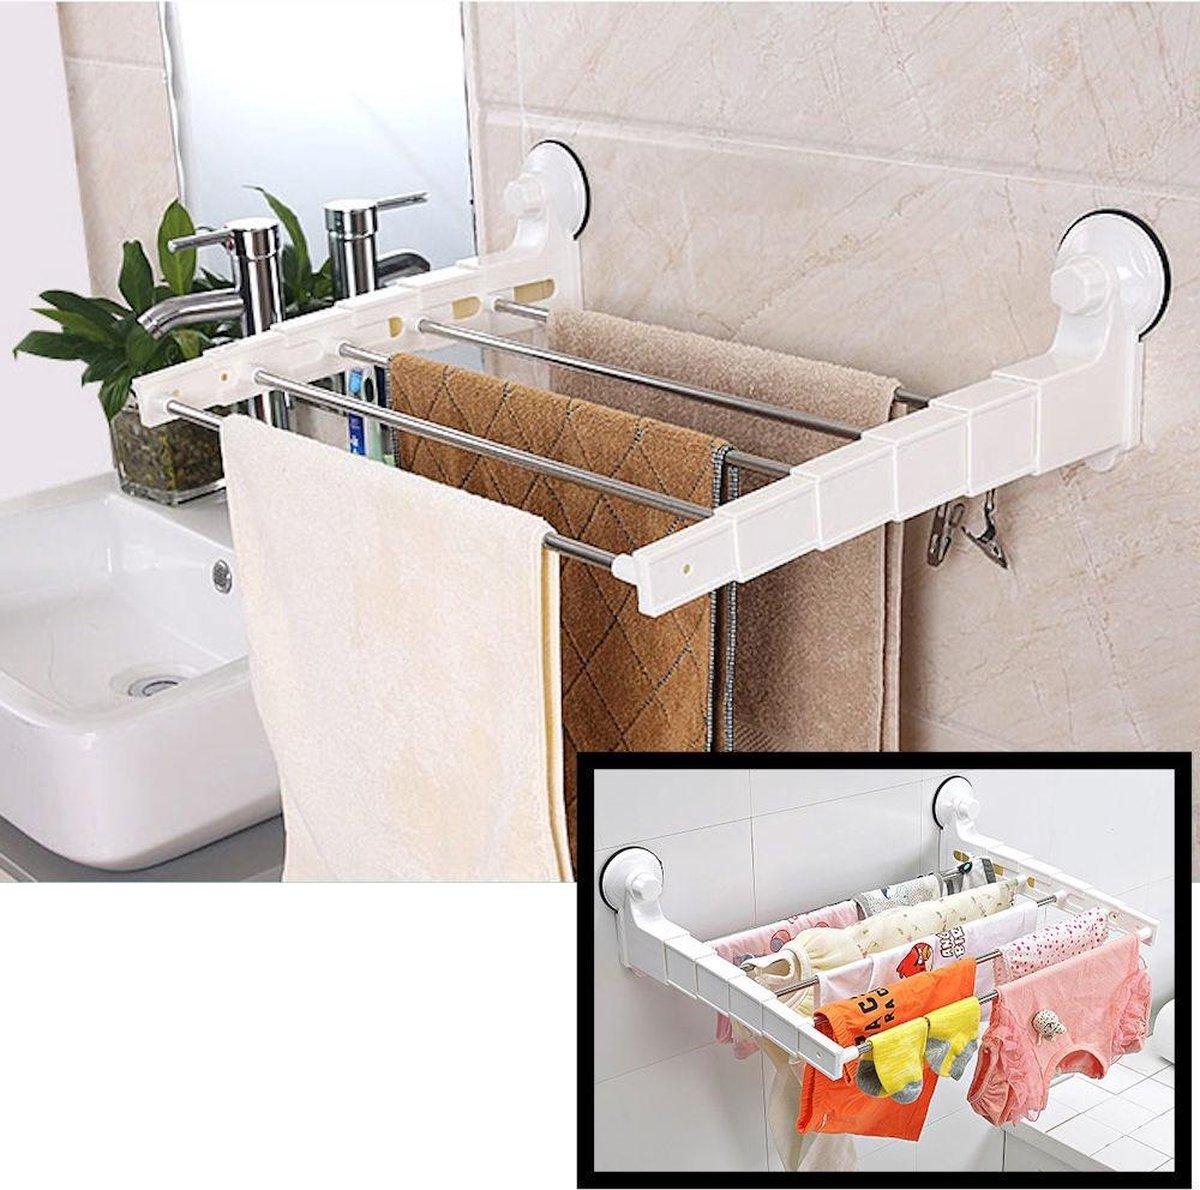 Decopatent® Uitschuifbaar Handdoekenrek - Droogrek - Wasrek - 5 stangen - Zonder boren - Handdoekhouder - Badkamer - Handdoekenrek